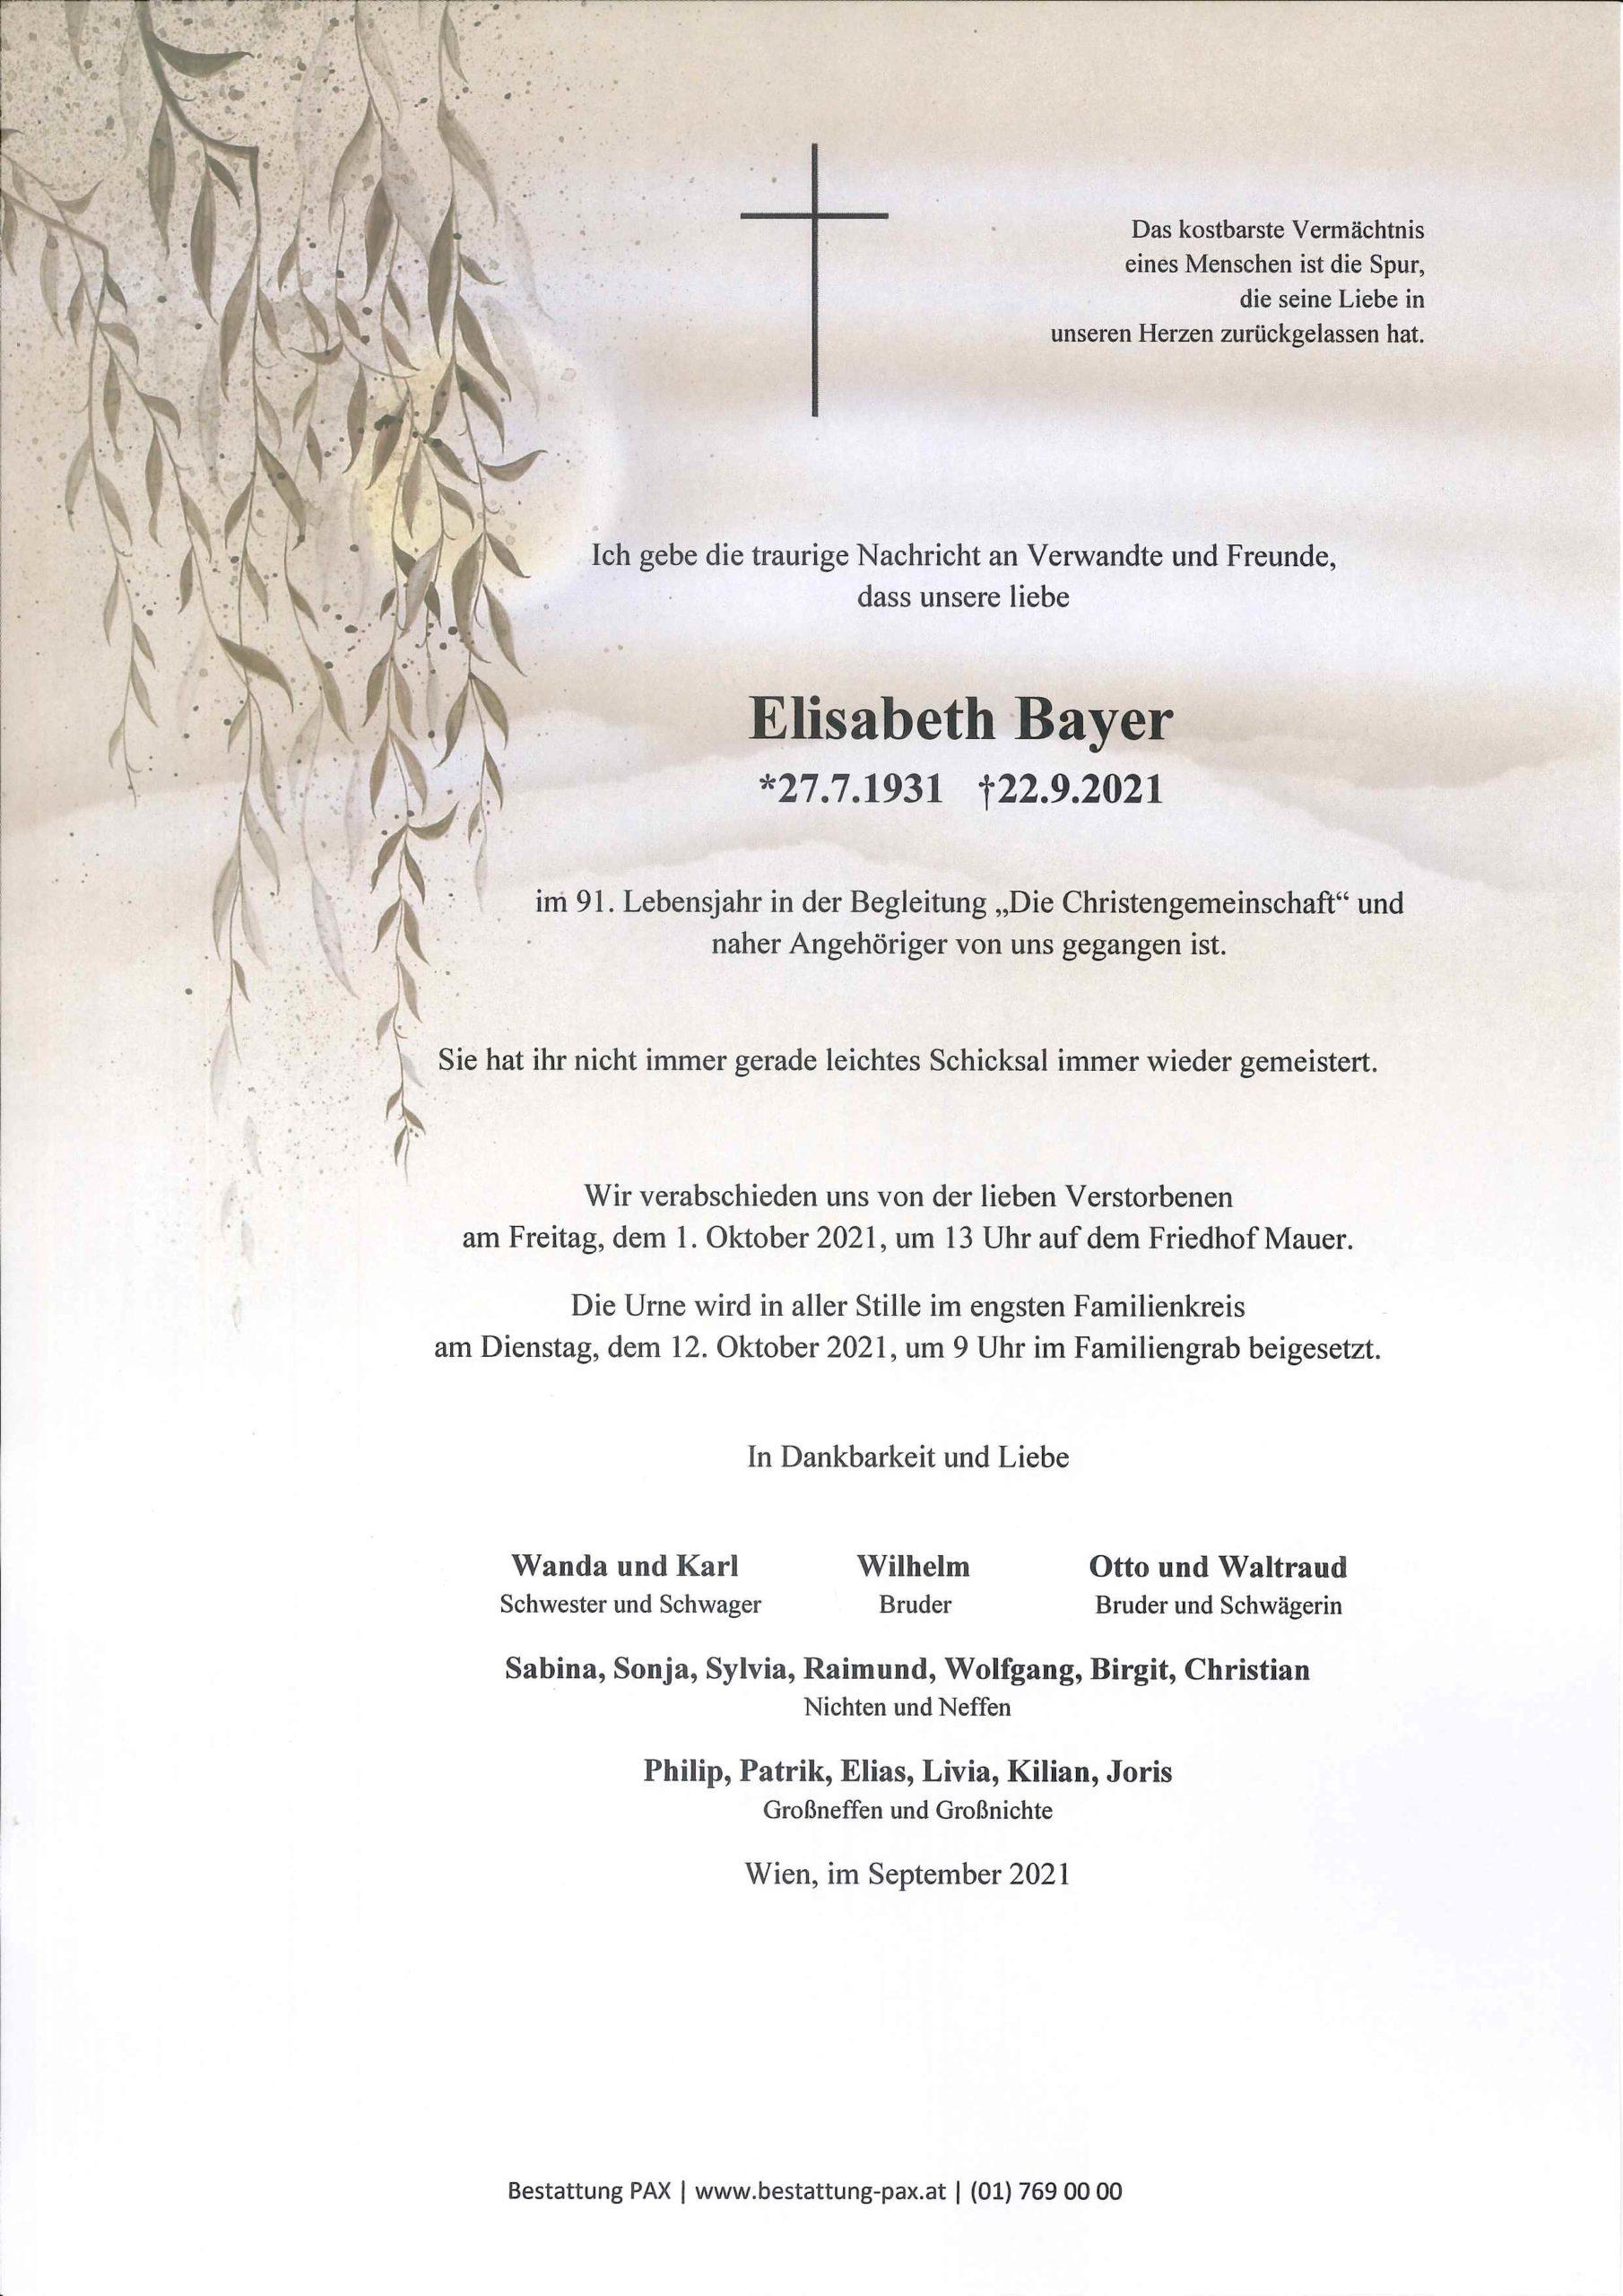 Elisabeth Bayer